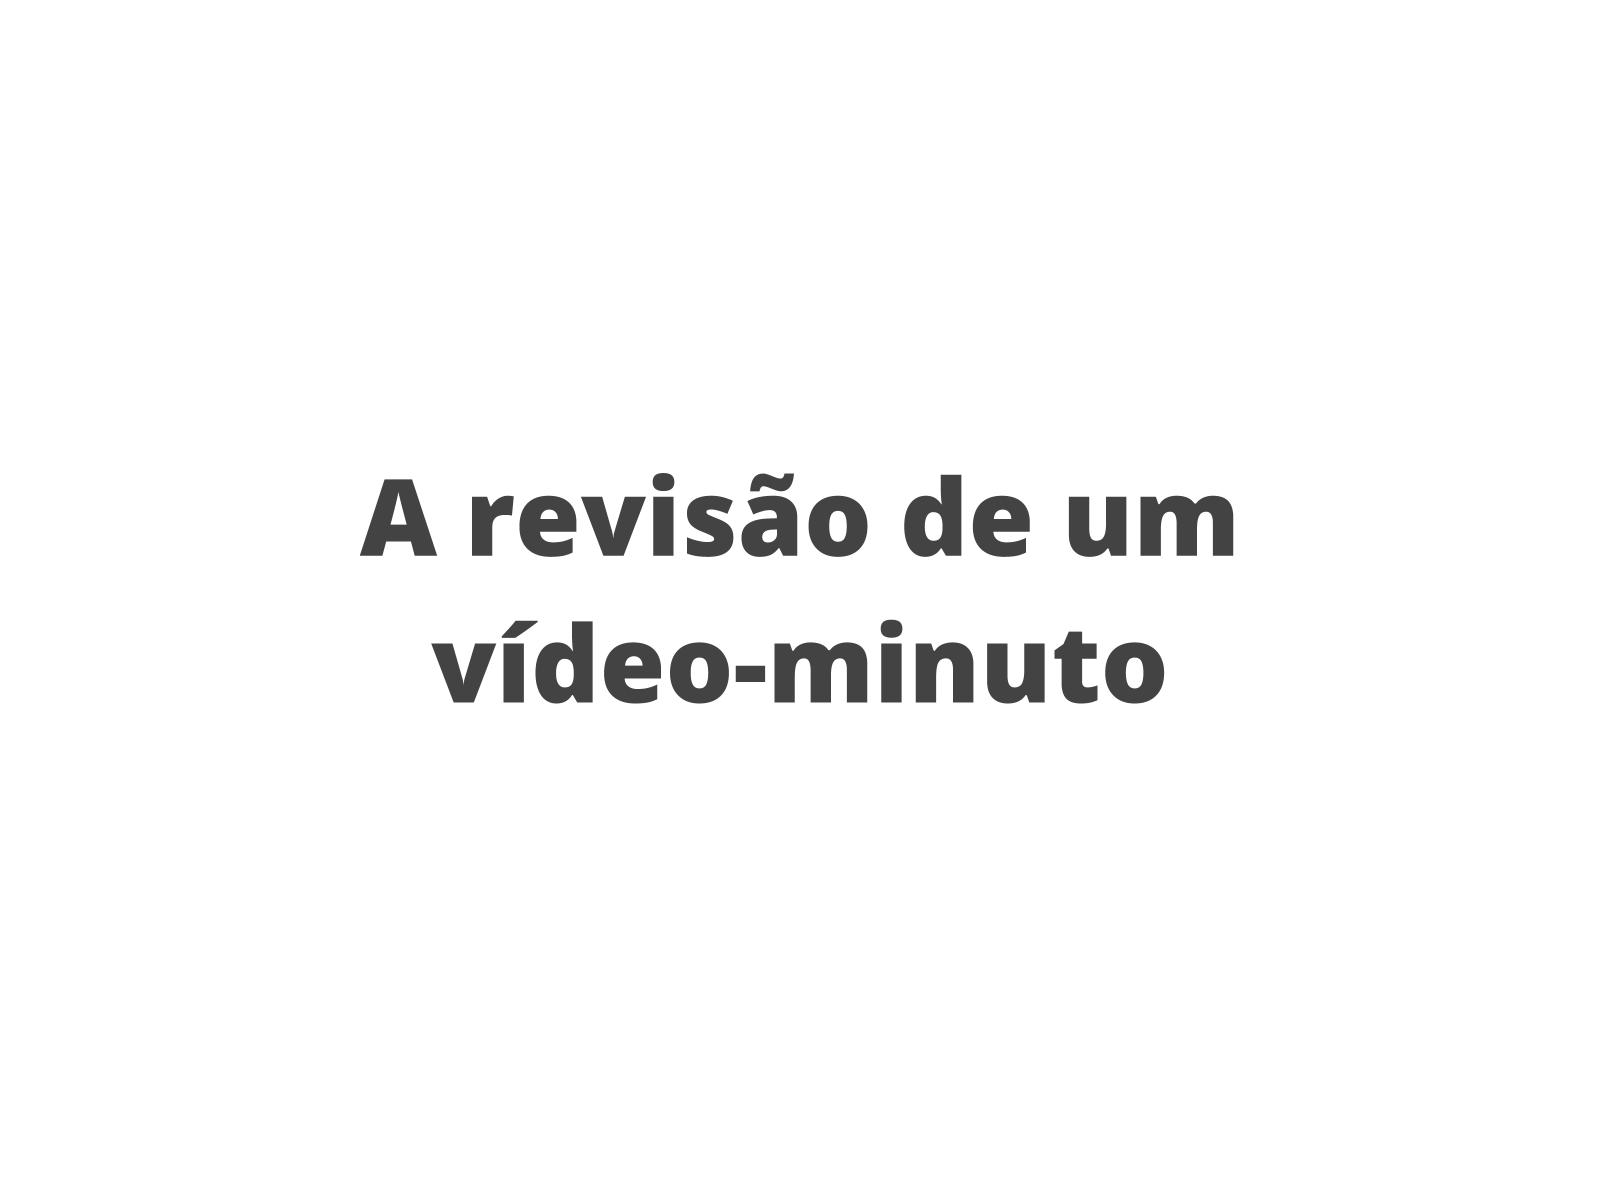 A revisão de um vídeo-minuto